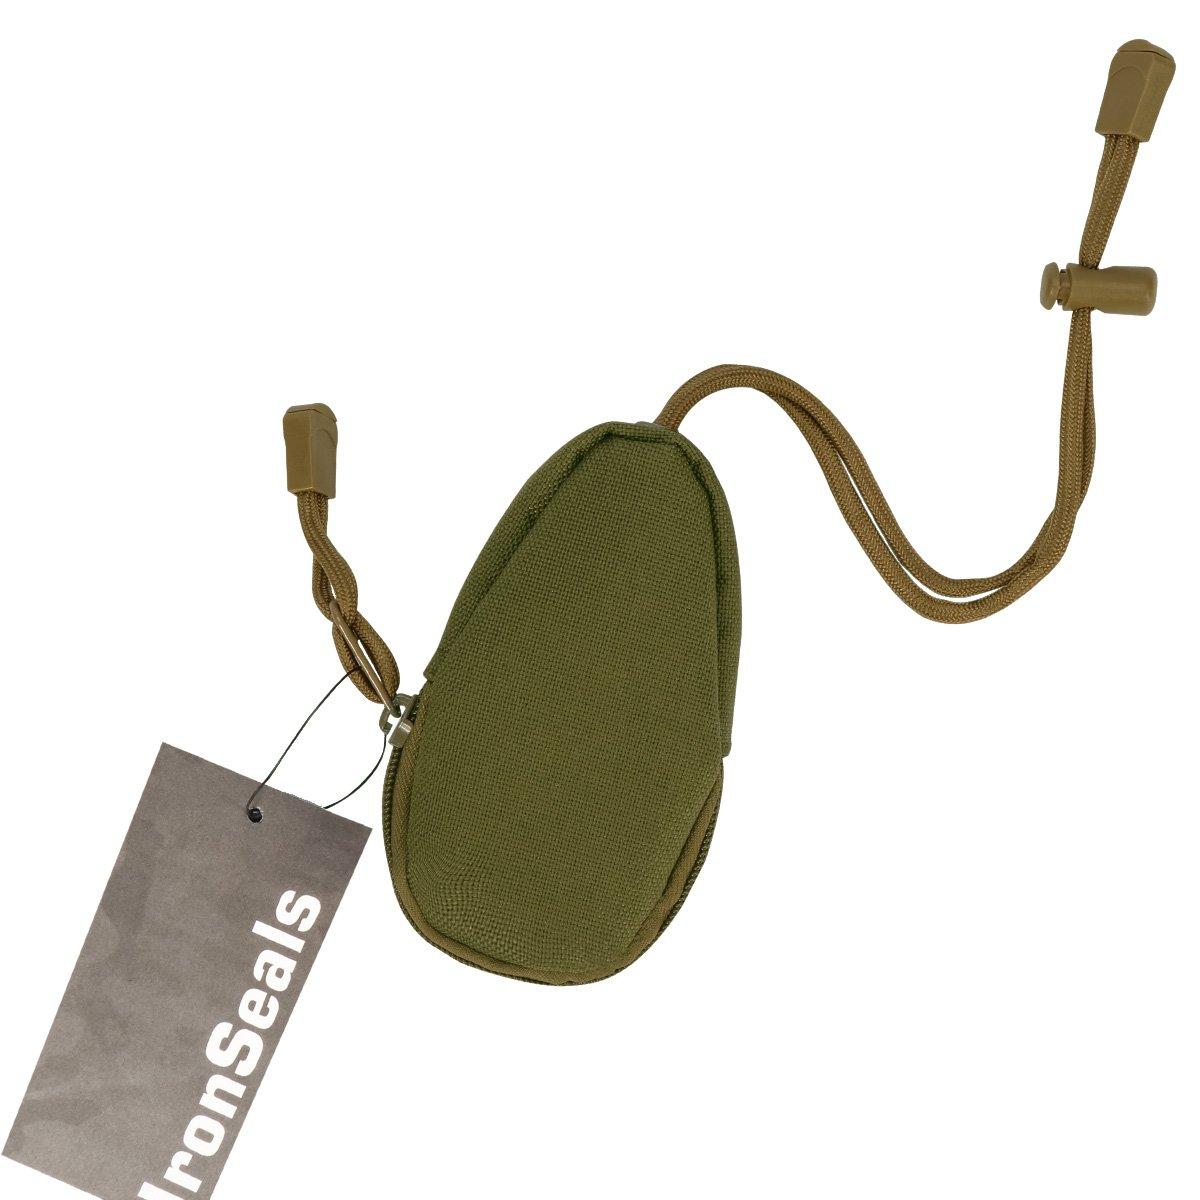 ironseals MiniアウトドアEDC Carryingバッグポータブルコイン財布変更財布キーポーチwith Innerステンレスキーリング B07CZFW3PV アーミーグリーン